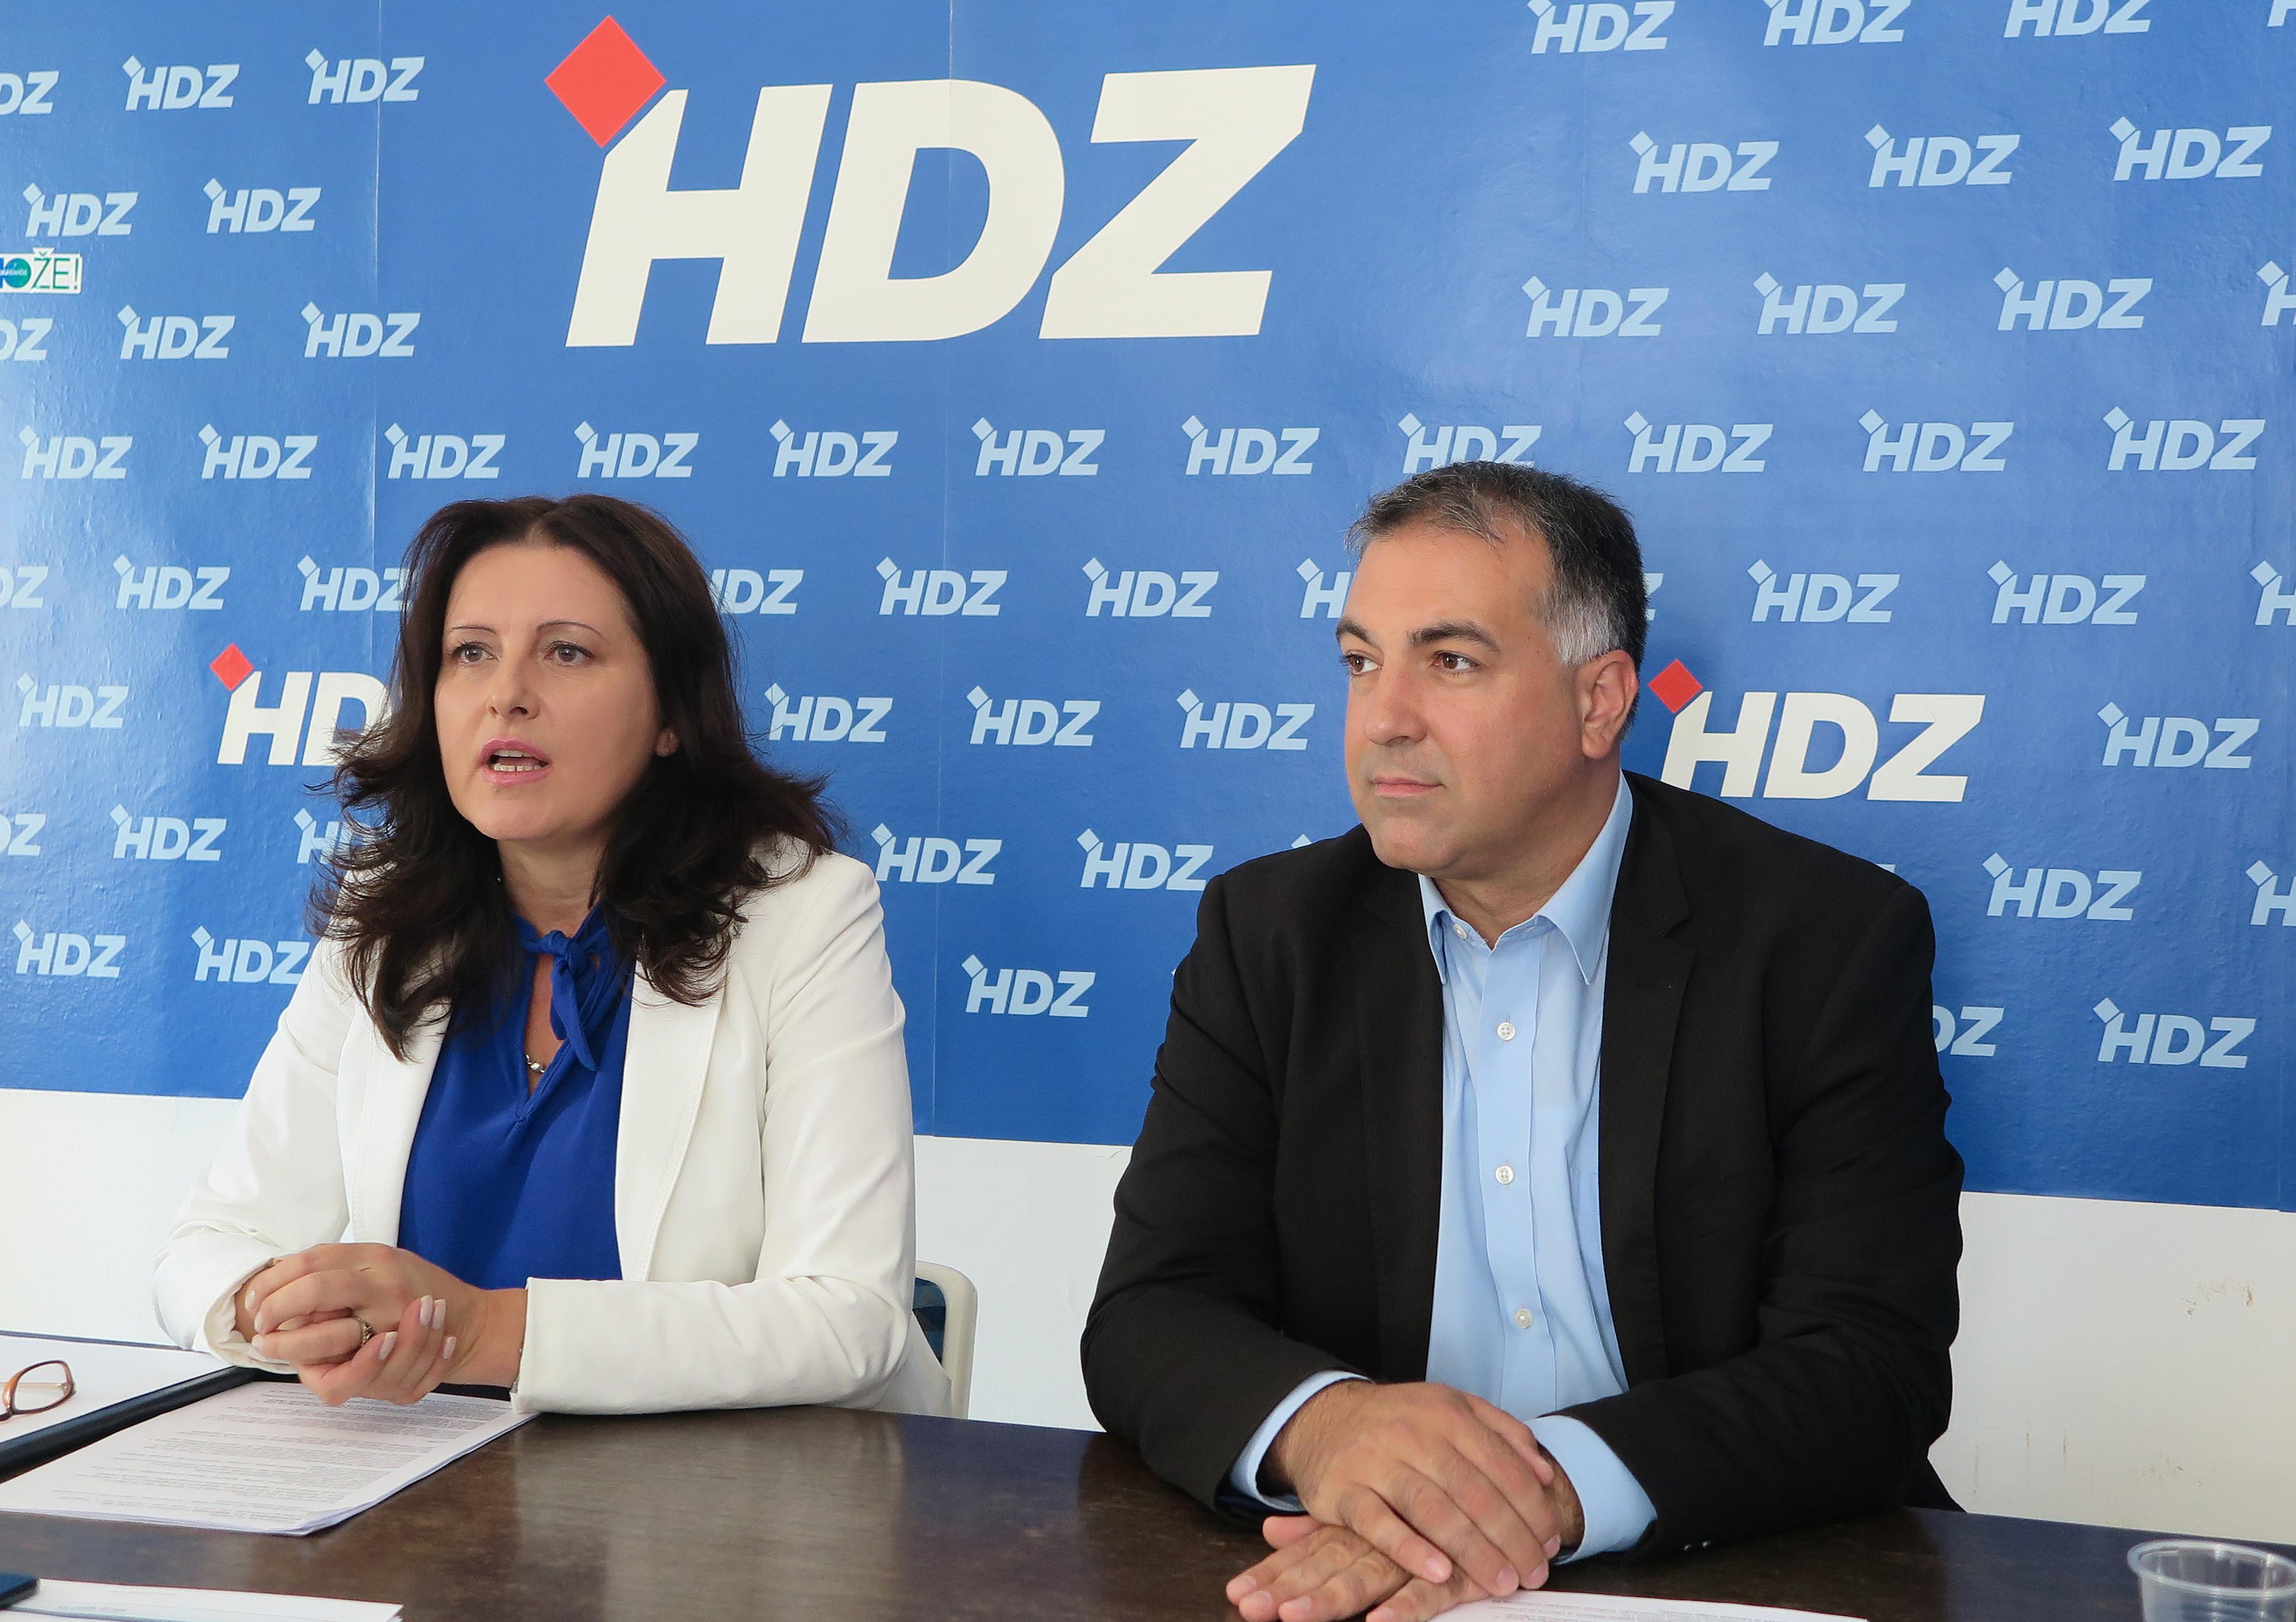 Istarski HDZ:  'IDS podvalama želi skrenuti pažnju sa svoje odgovornosti'